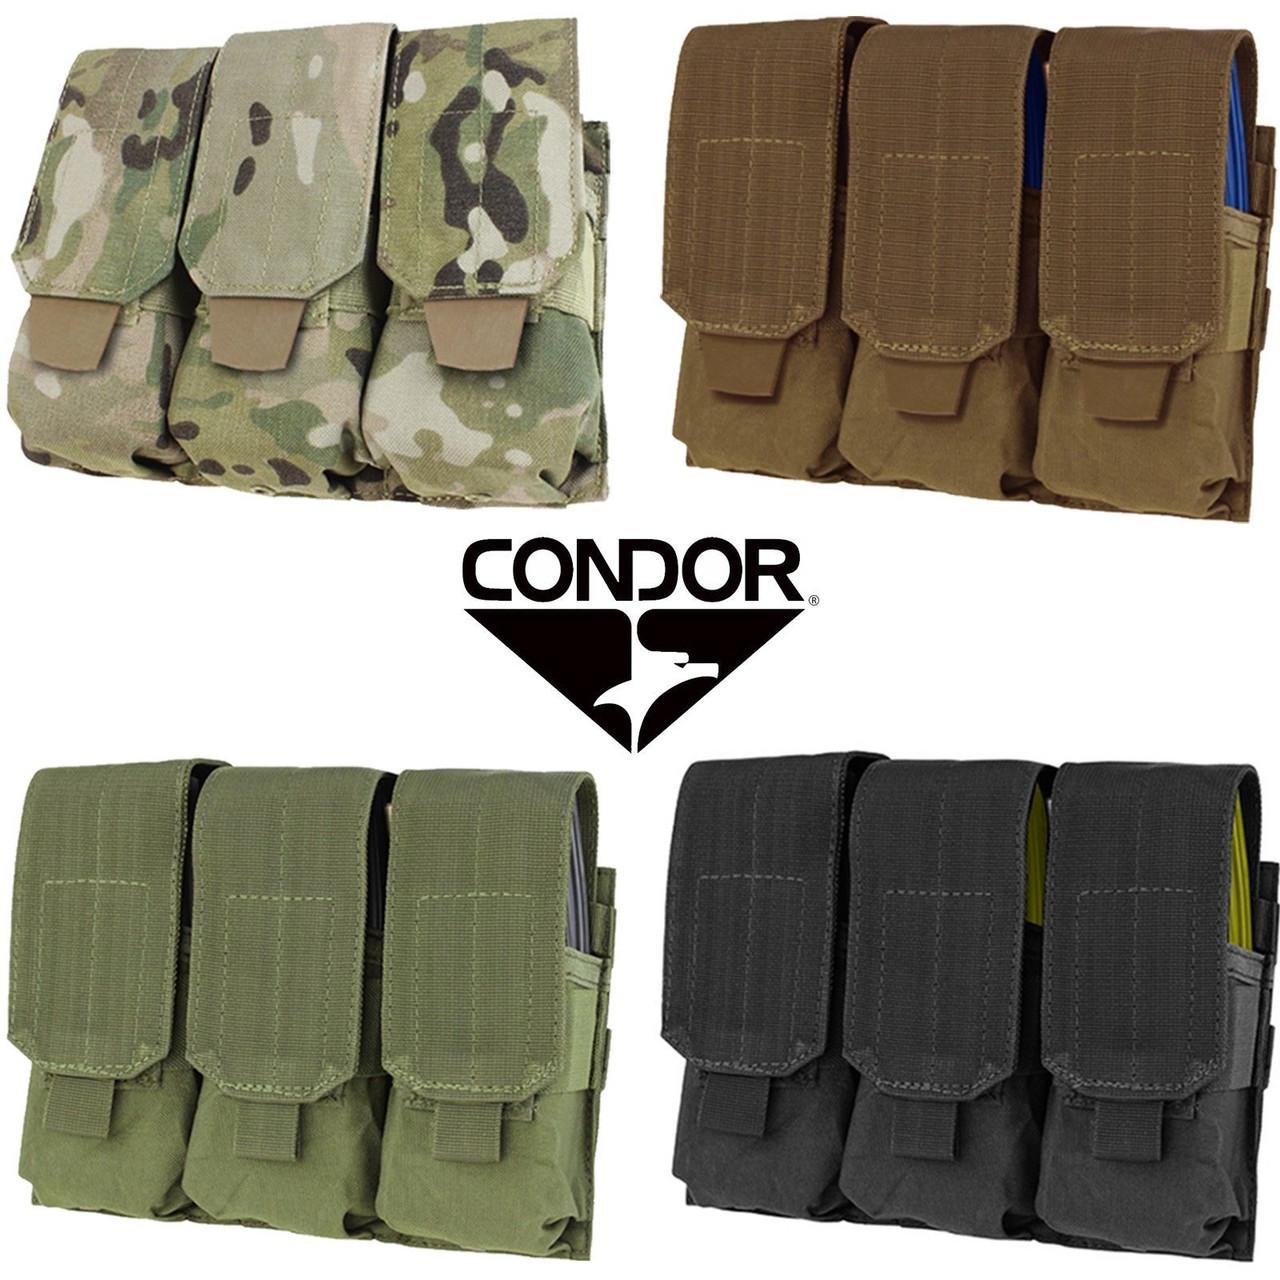 Coyote Condor Triple 5.56 Molle Magazine Pouch MA58-498